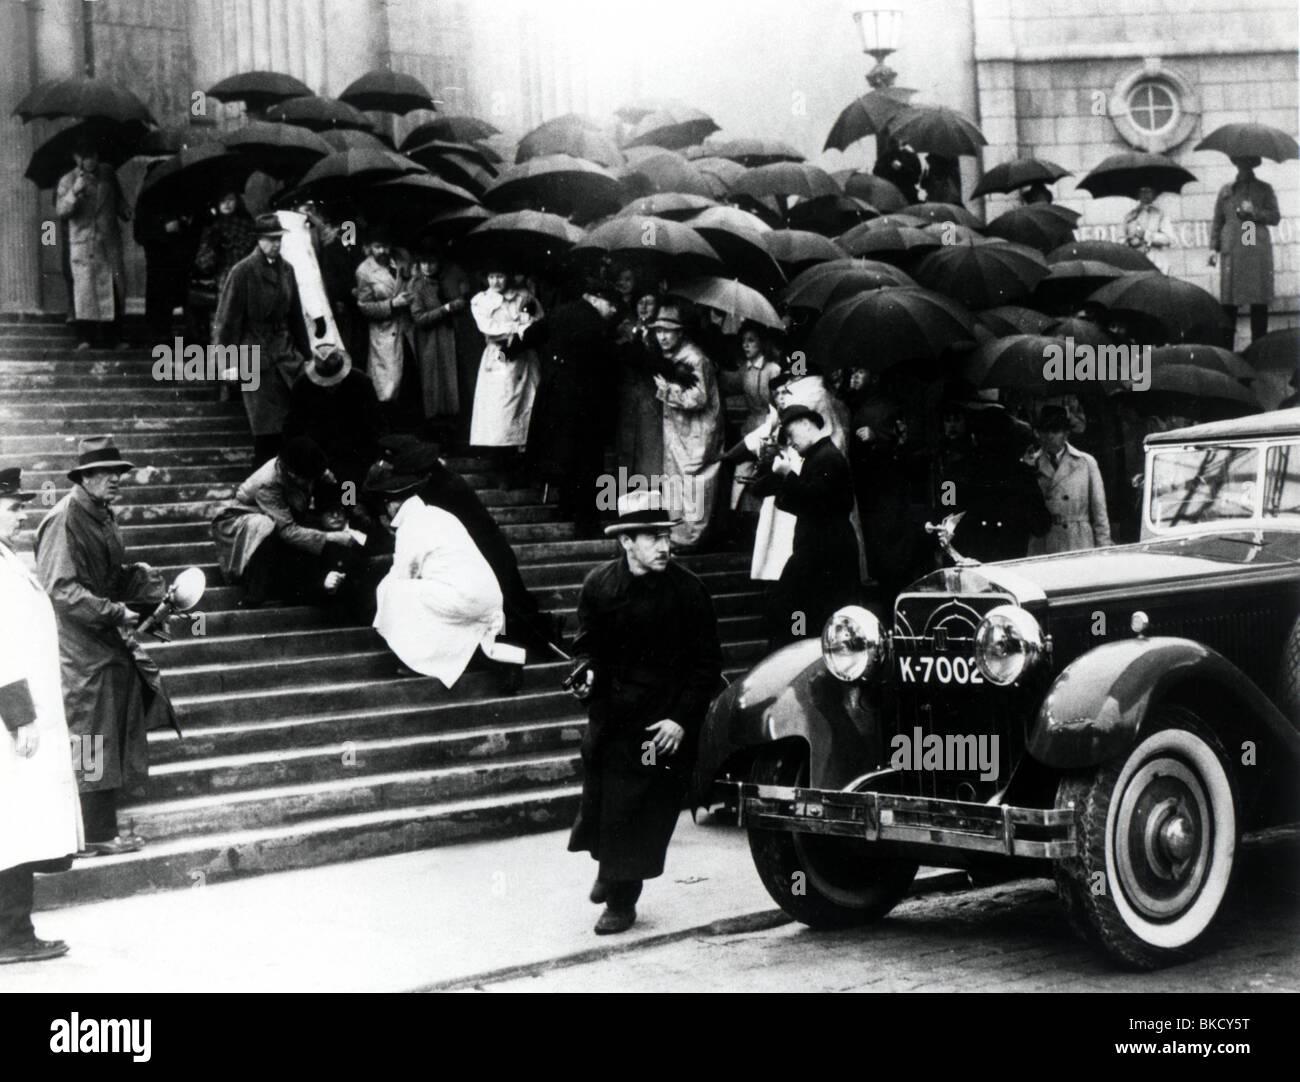 Corrispondente Estero -1940 Immagini Stock